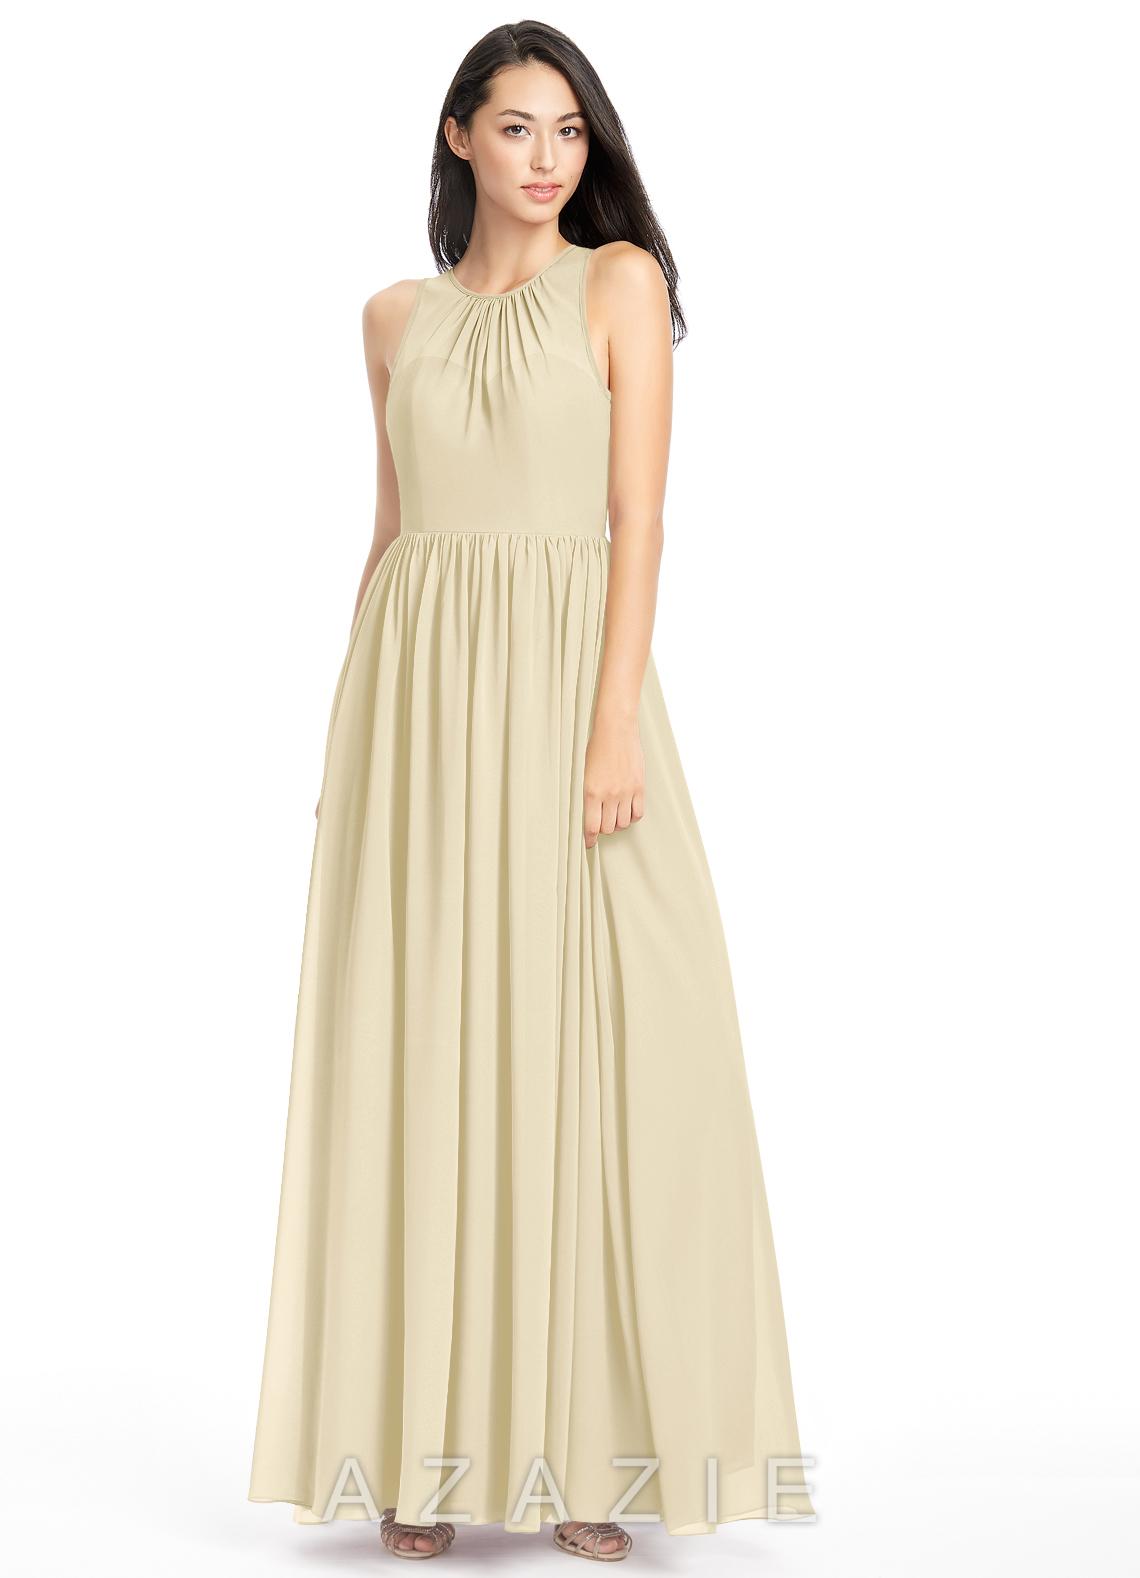 Azazie Jewel Bridesmaid Dress | Azazie - photo #23